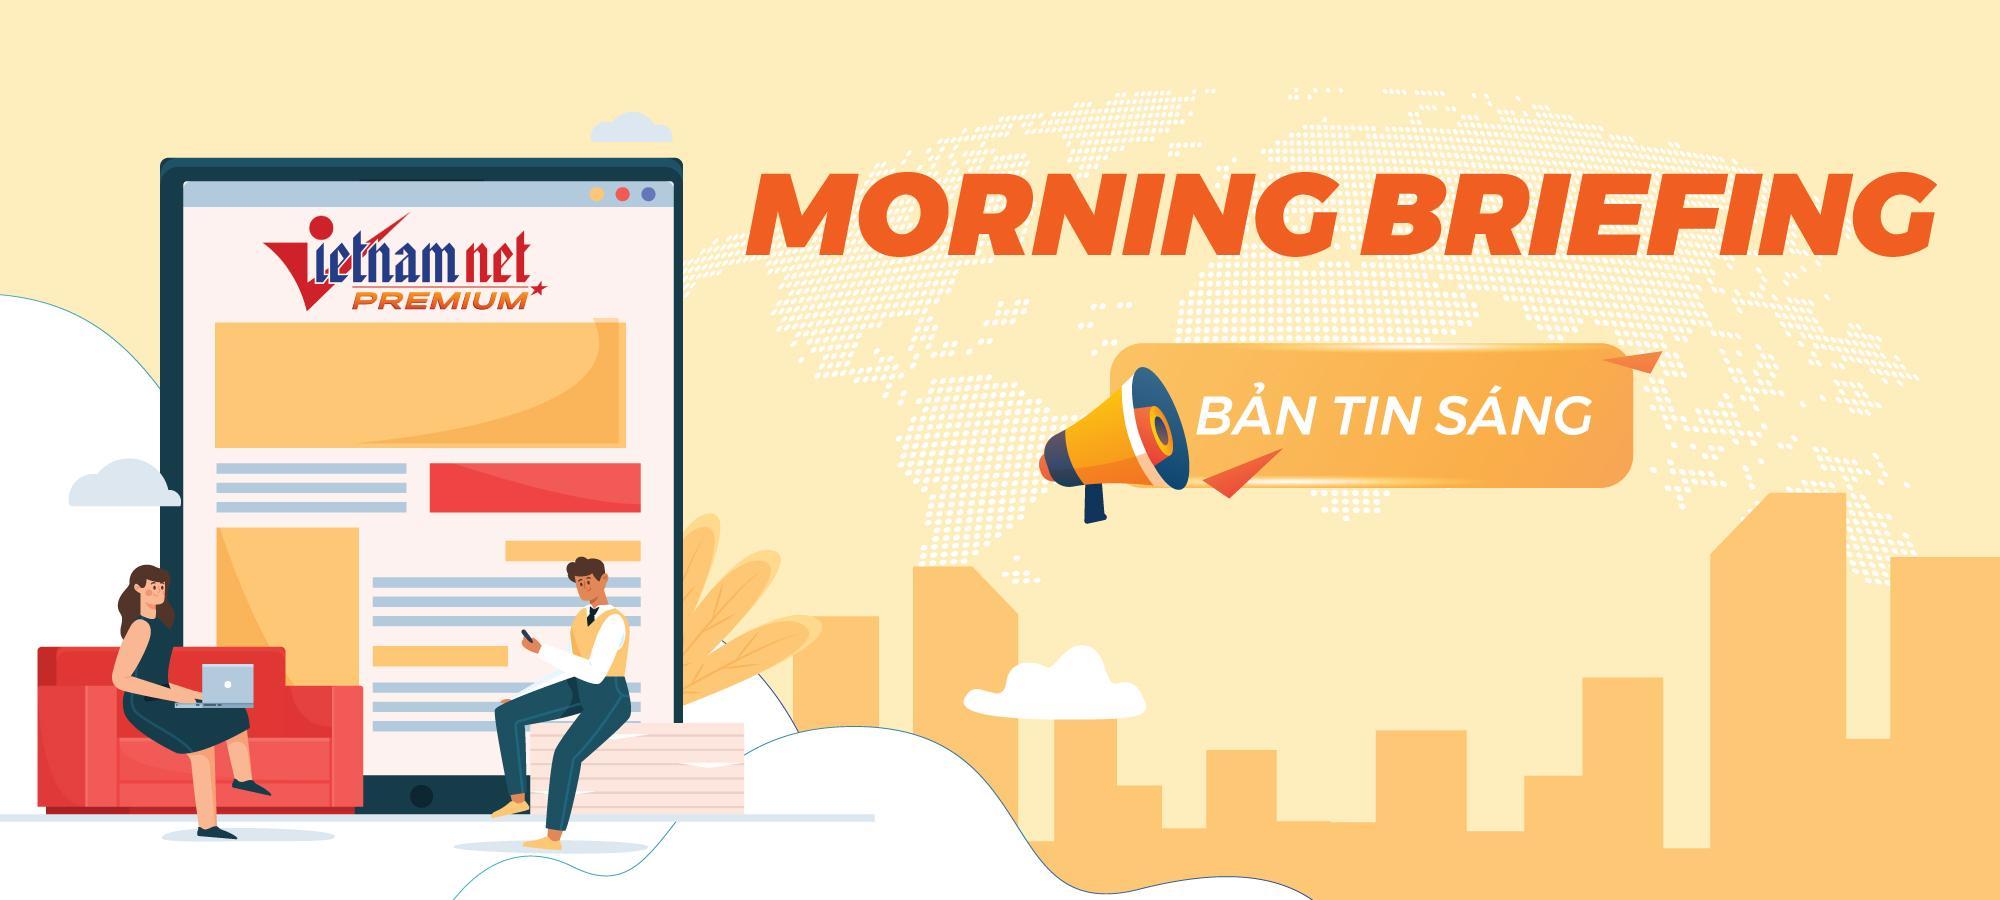 Bản tin sáng VietNamNet (20/6/21): TP.HCM cần nâng cao mức giãn cách xã hội